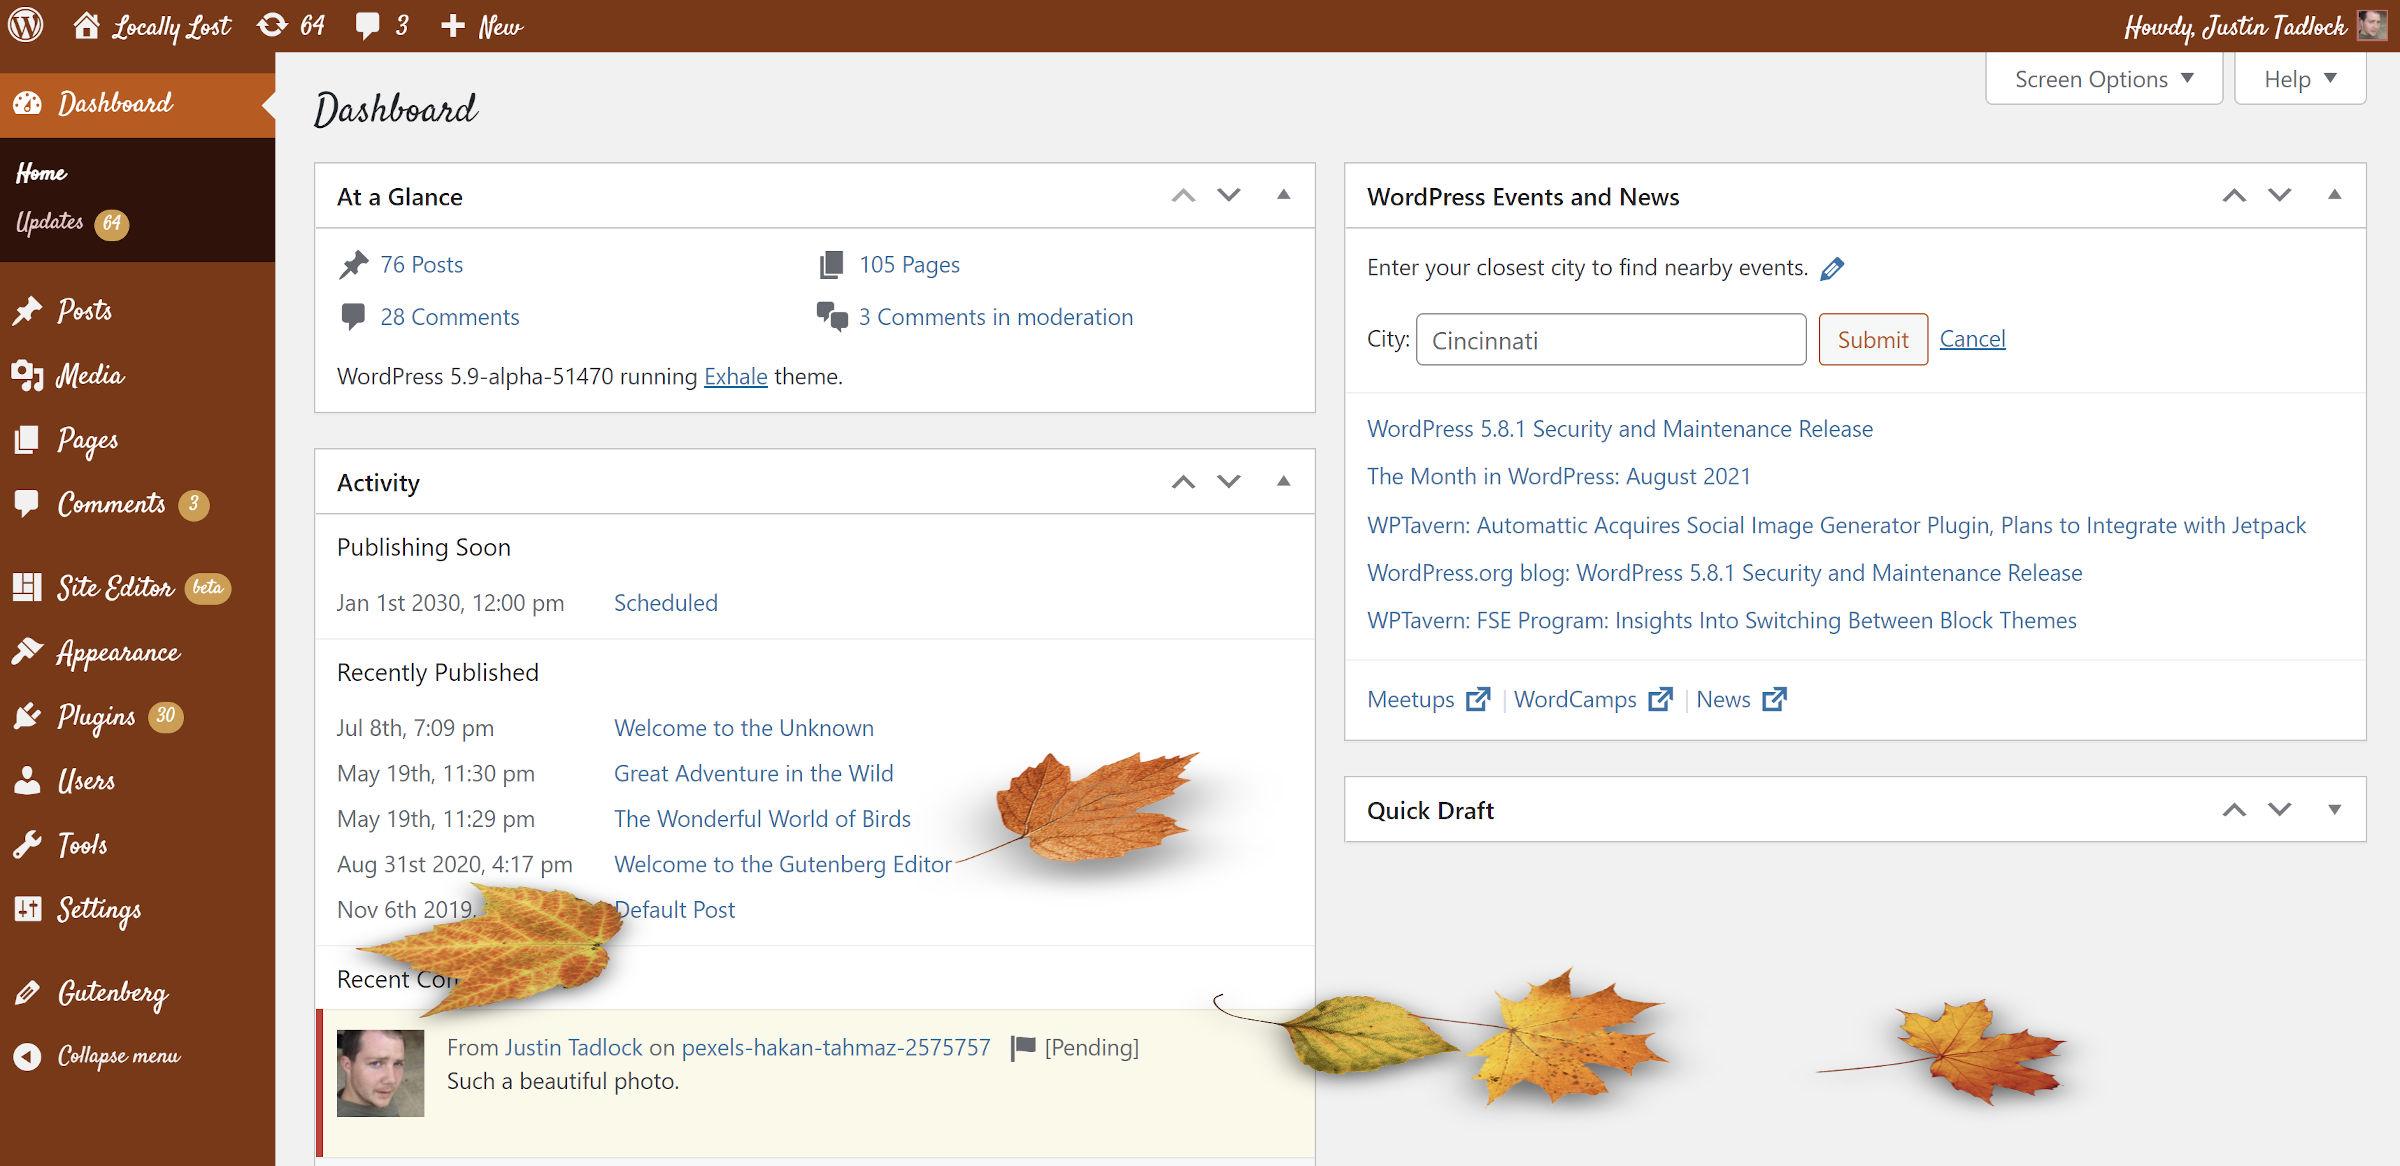 Schéma de couleurs de l'écran du tableau de bord WordPress lors de l'utilisation d'une palette inspirée de la citrouille.